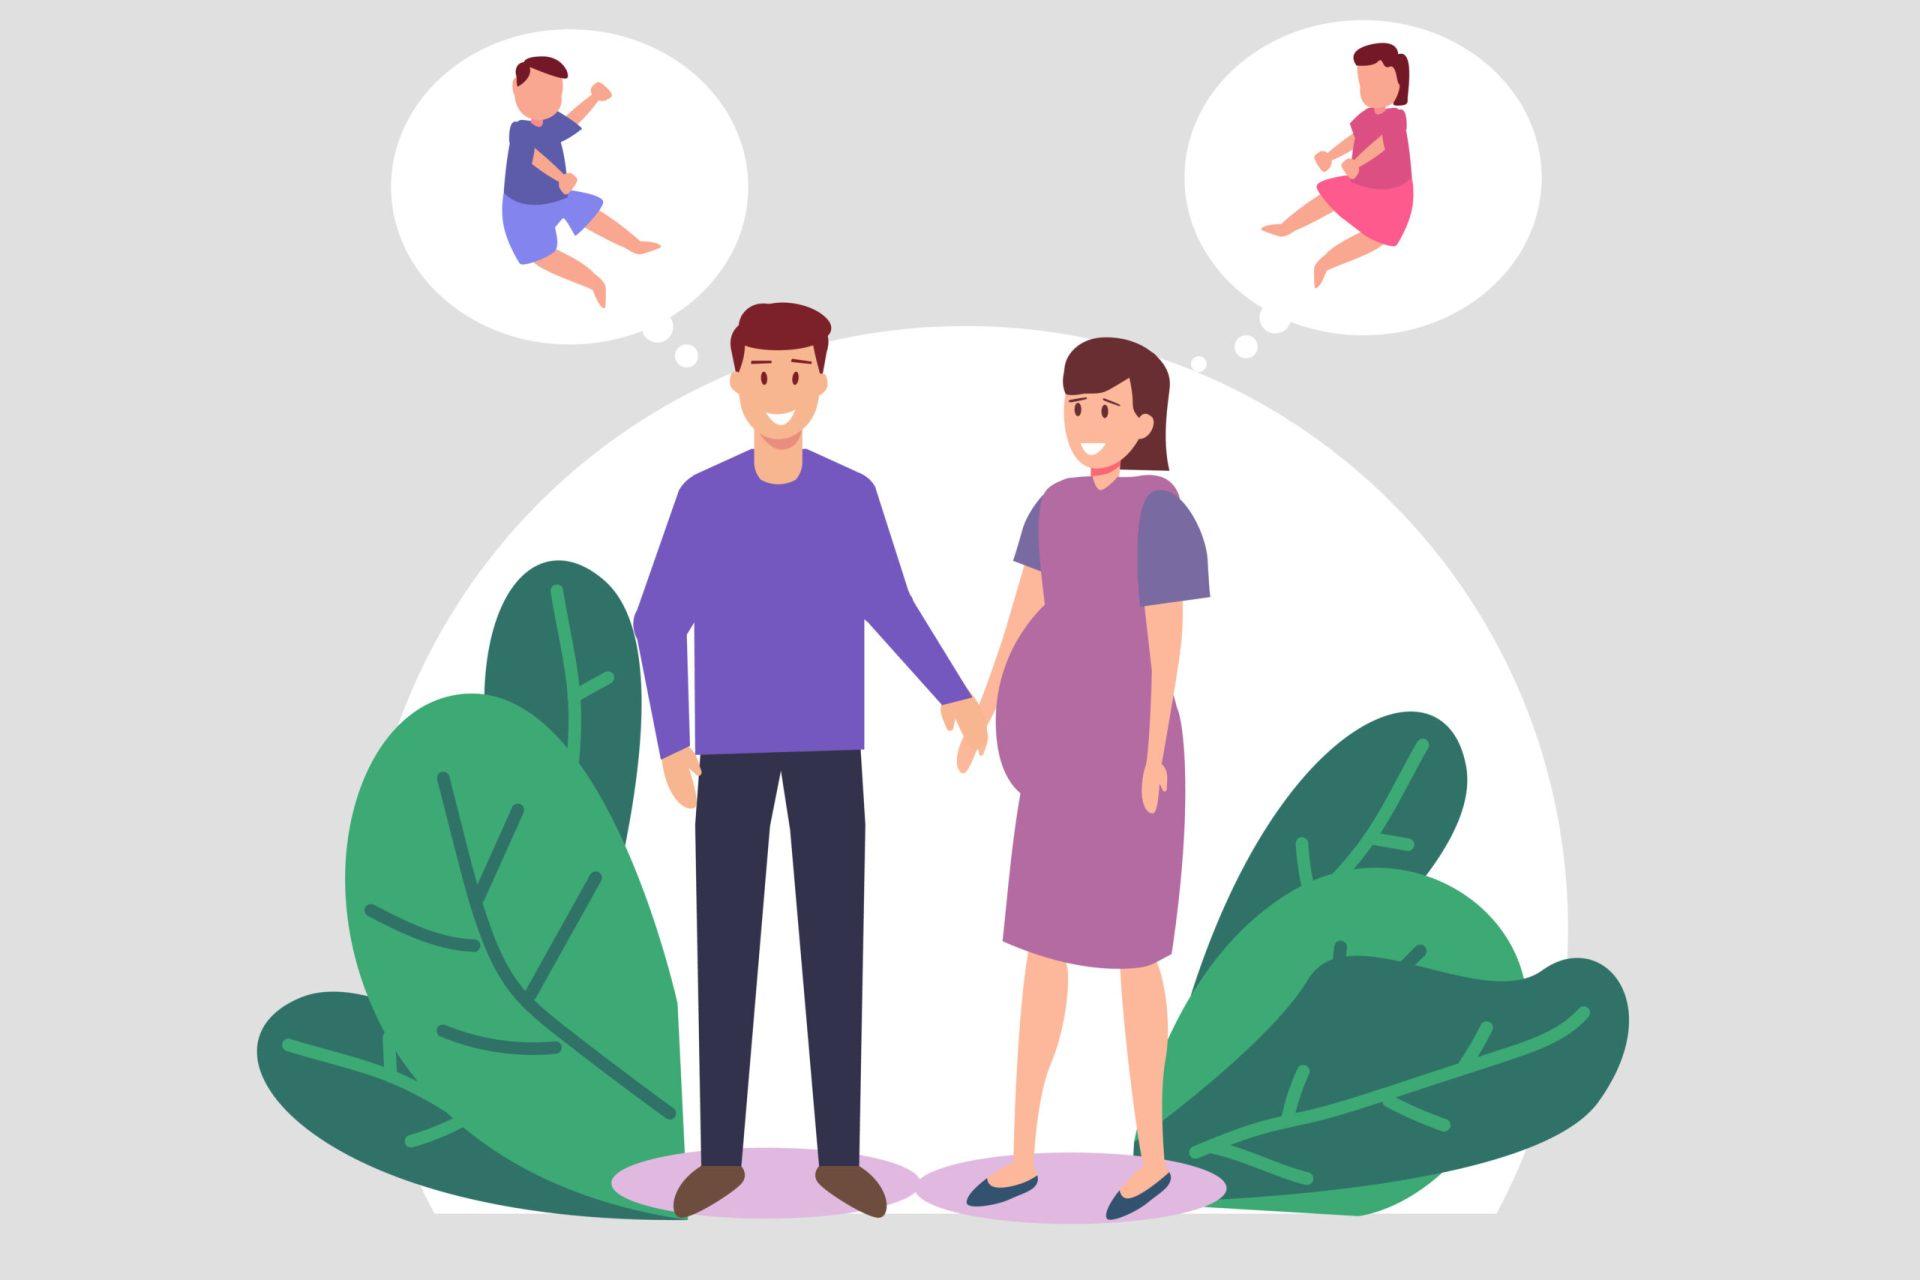 Părinți imaginându-și sexul copilului